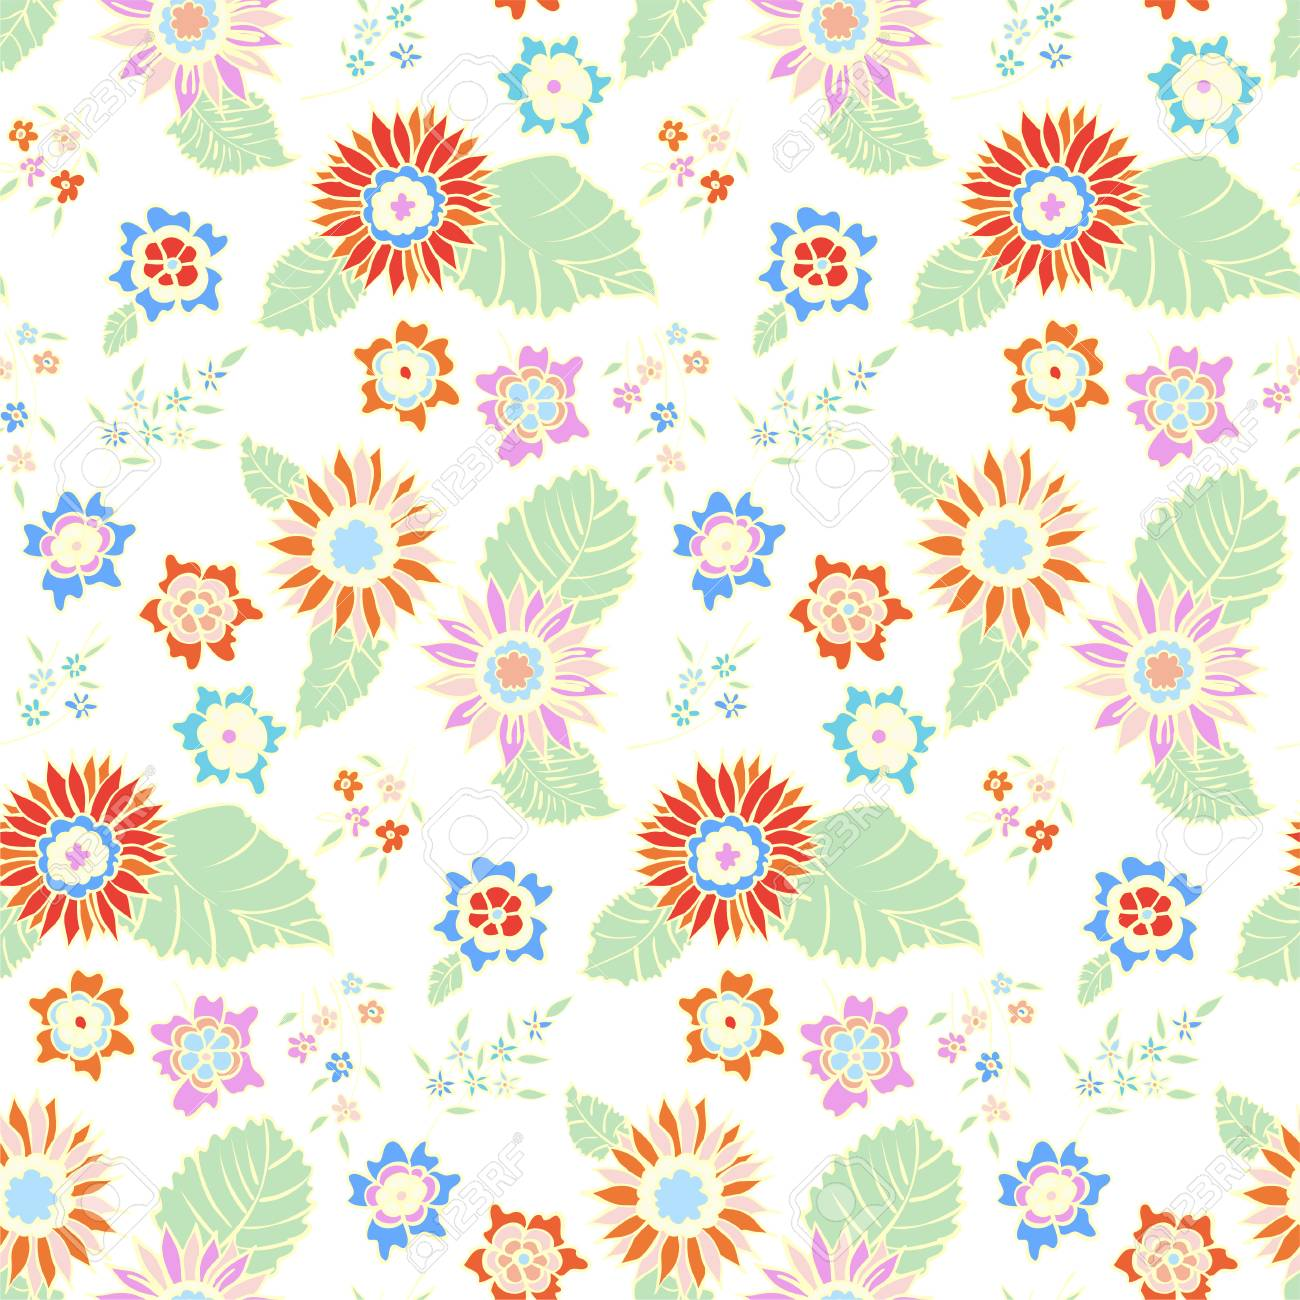 花のシームレスな背景パターン春 夏のシーズン ベクトル繊維 包装紙 壁紙 イラスト Urtains のイラスト素材 ベクタ Image